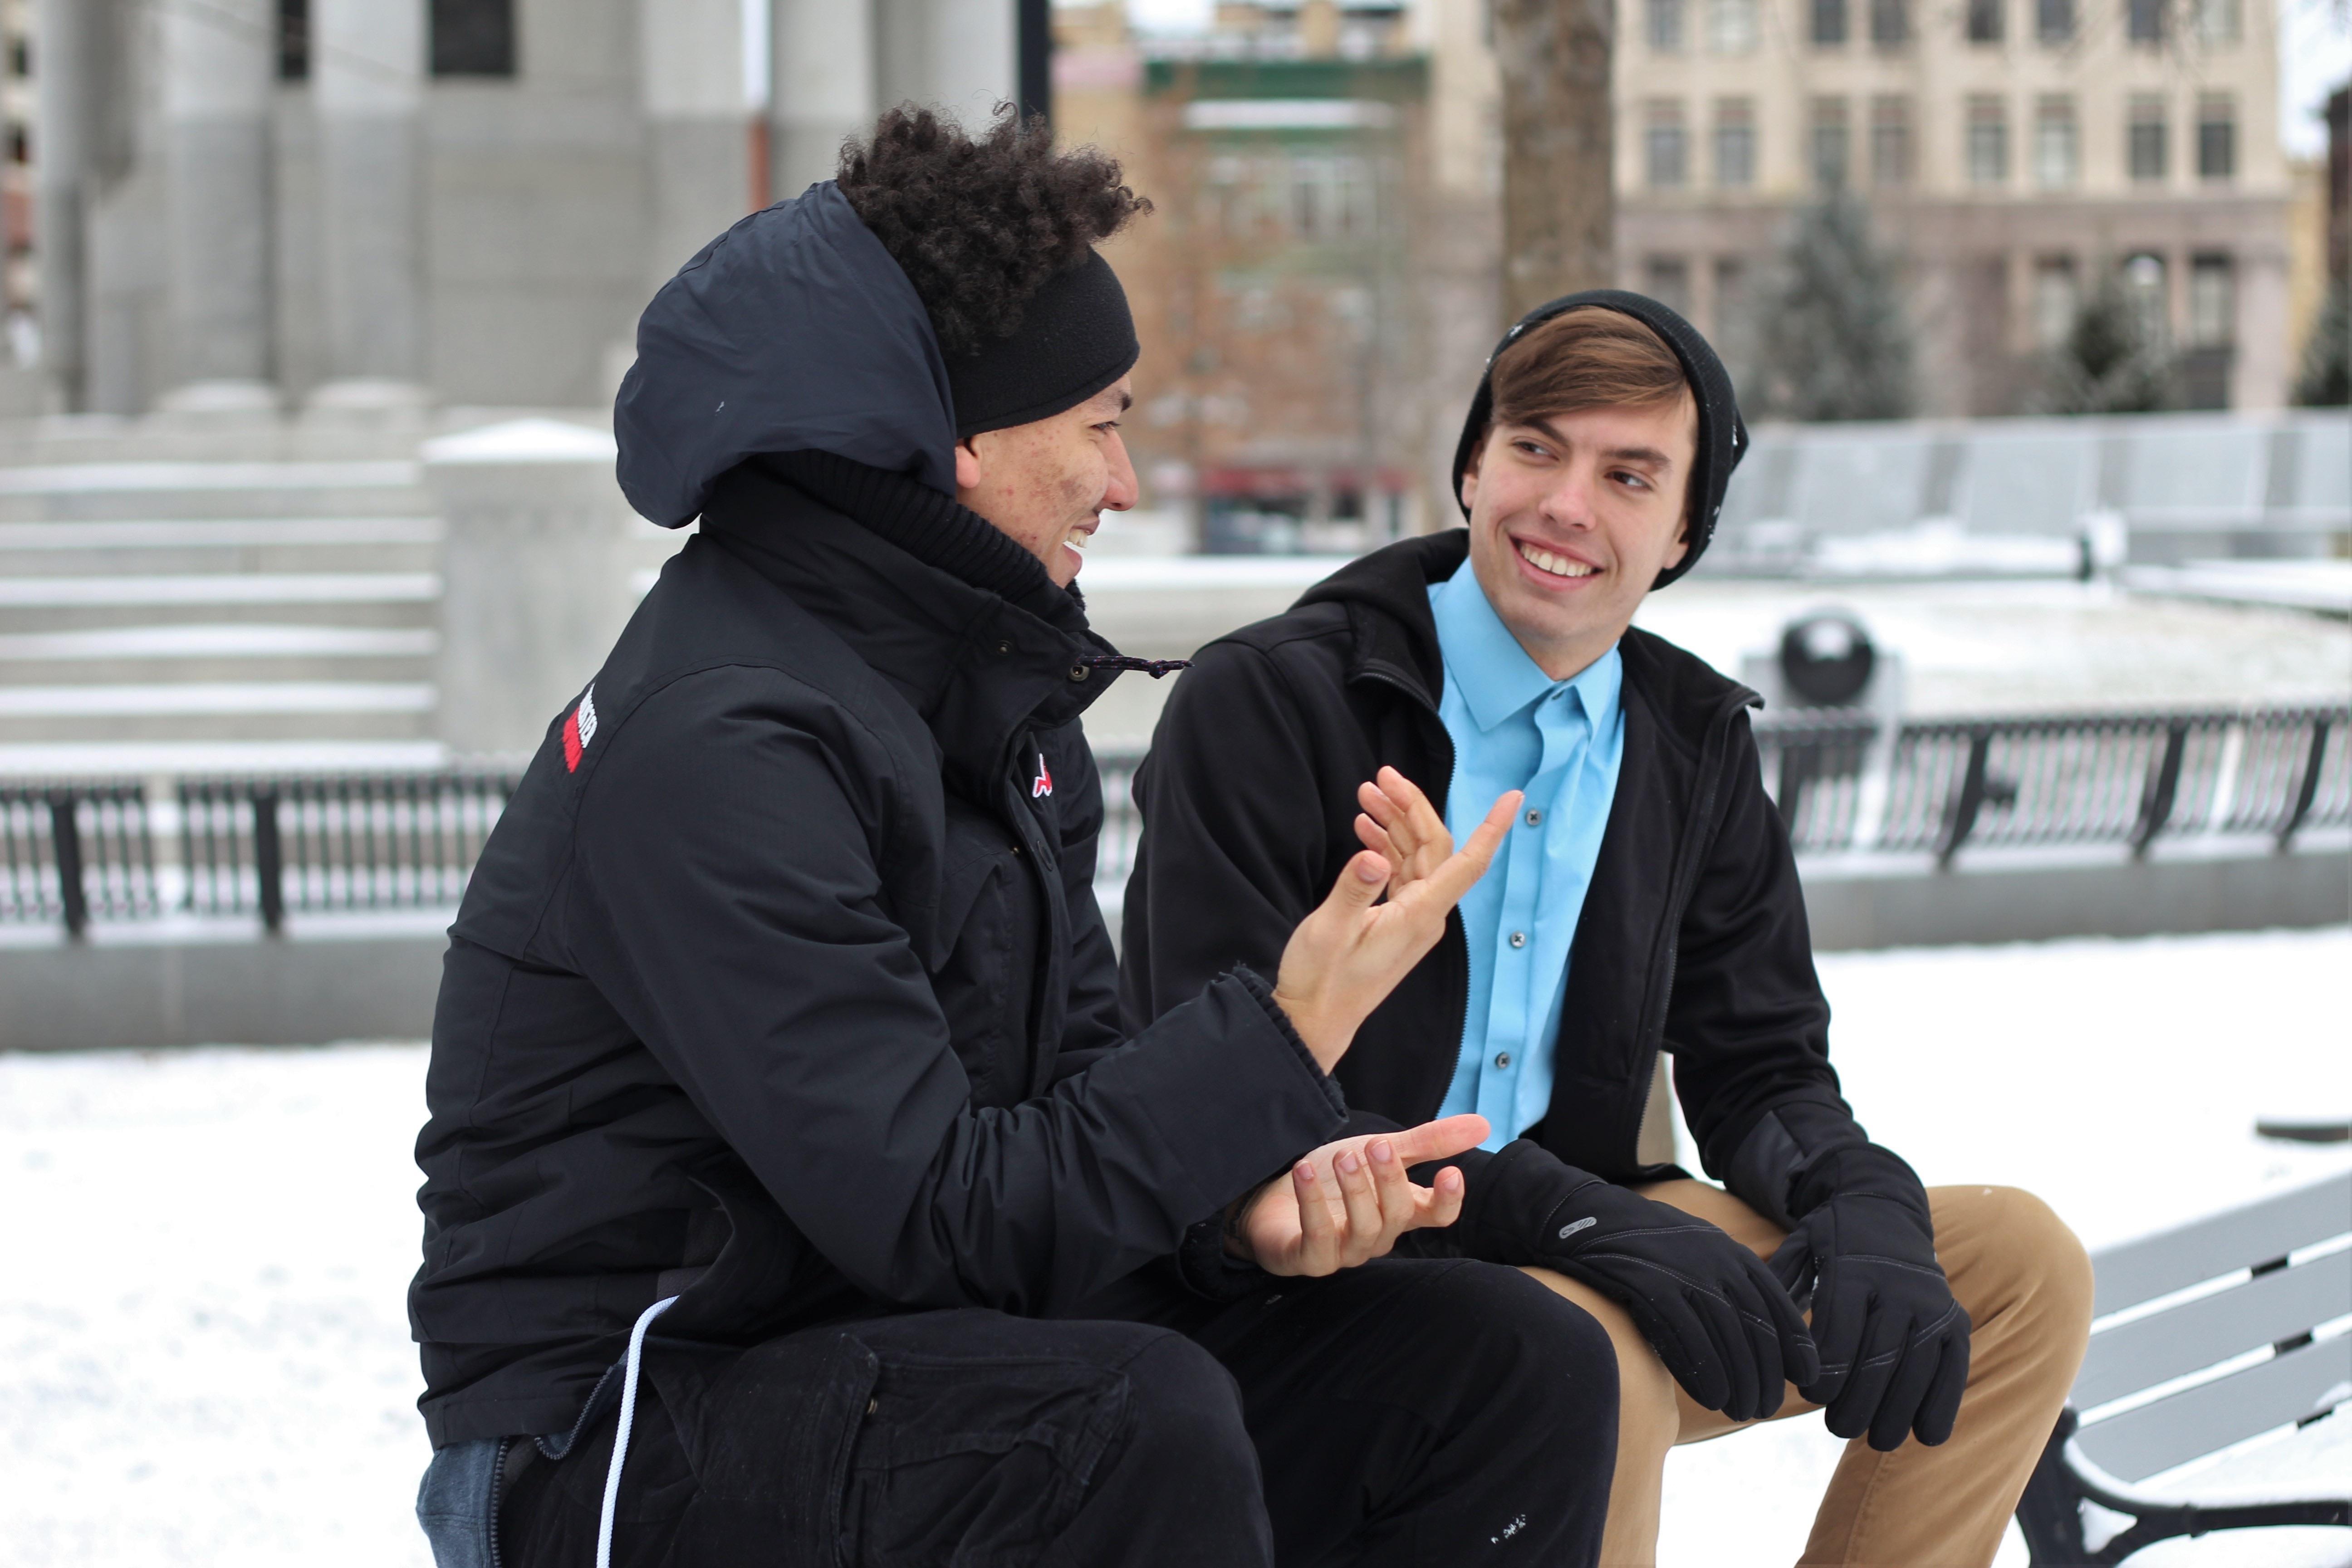 Talking to someone